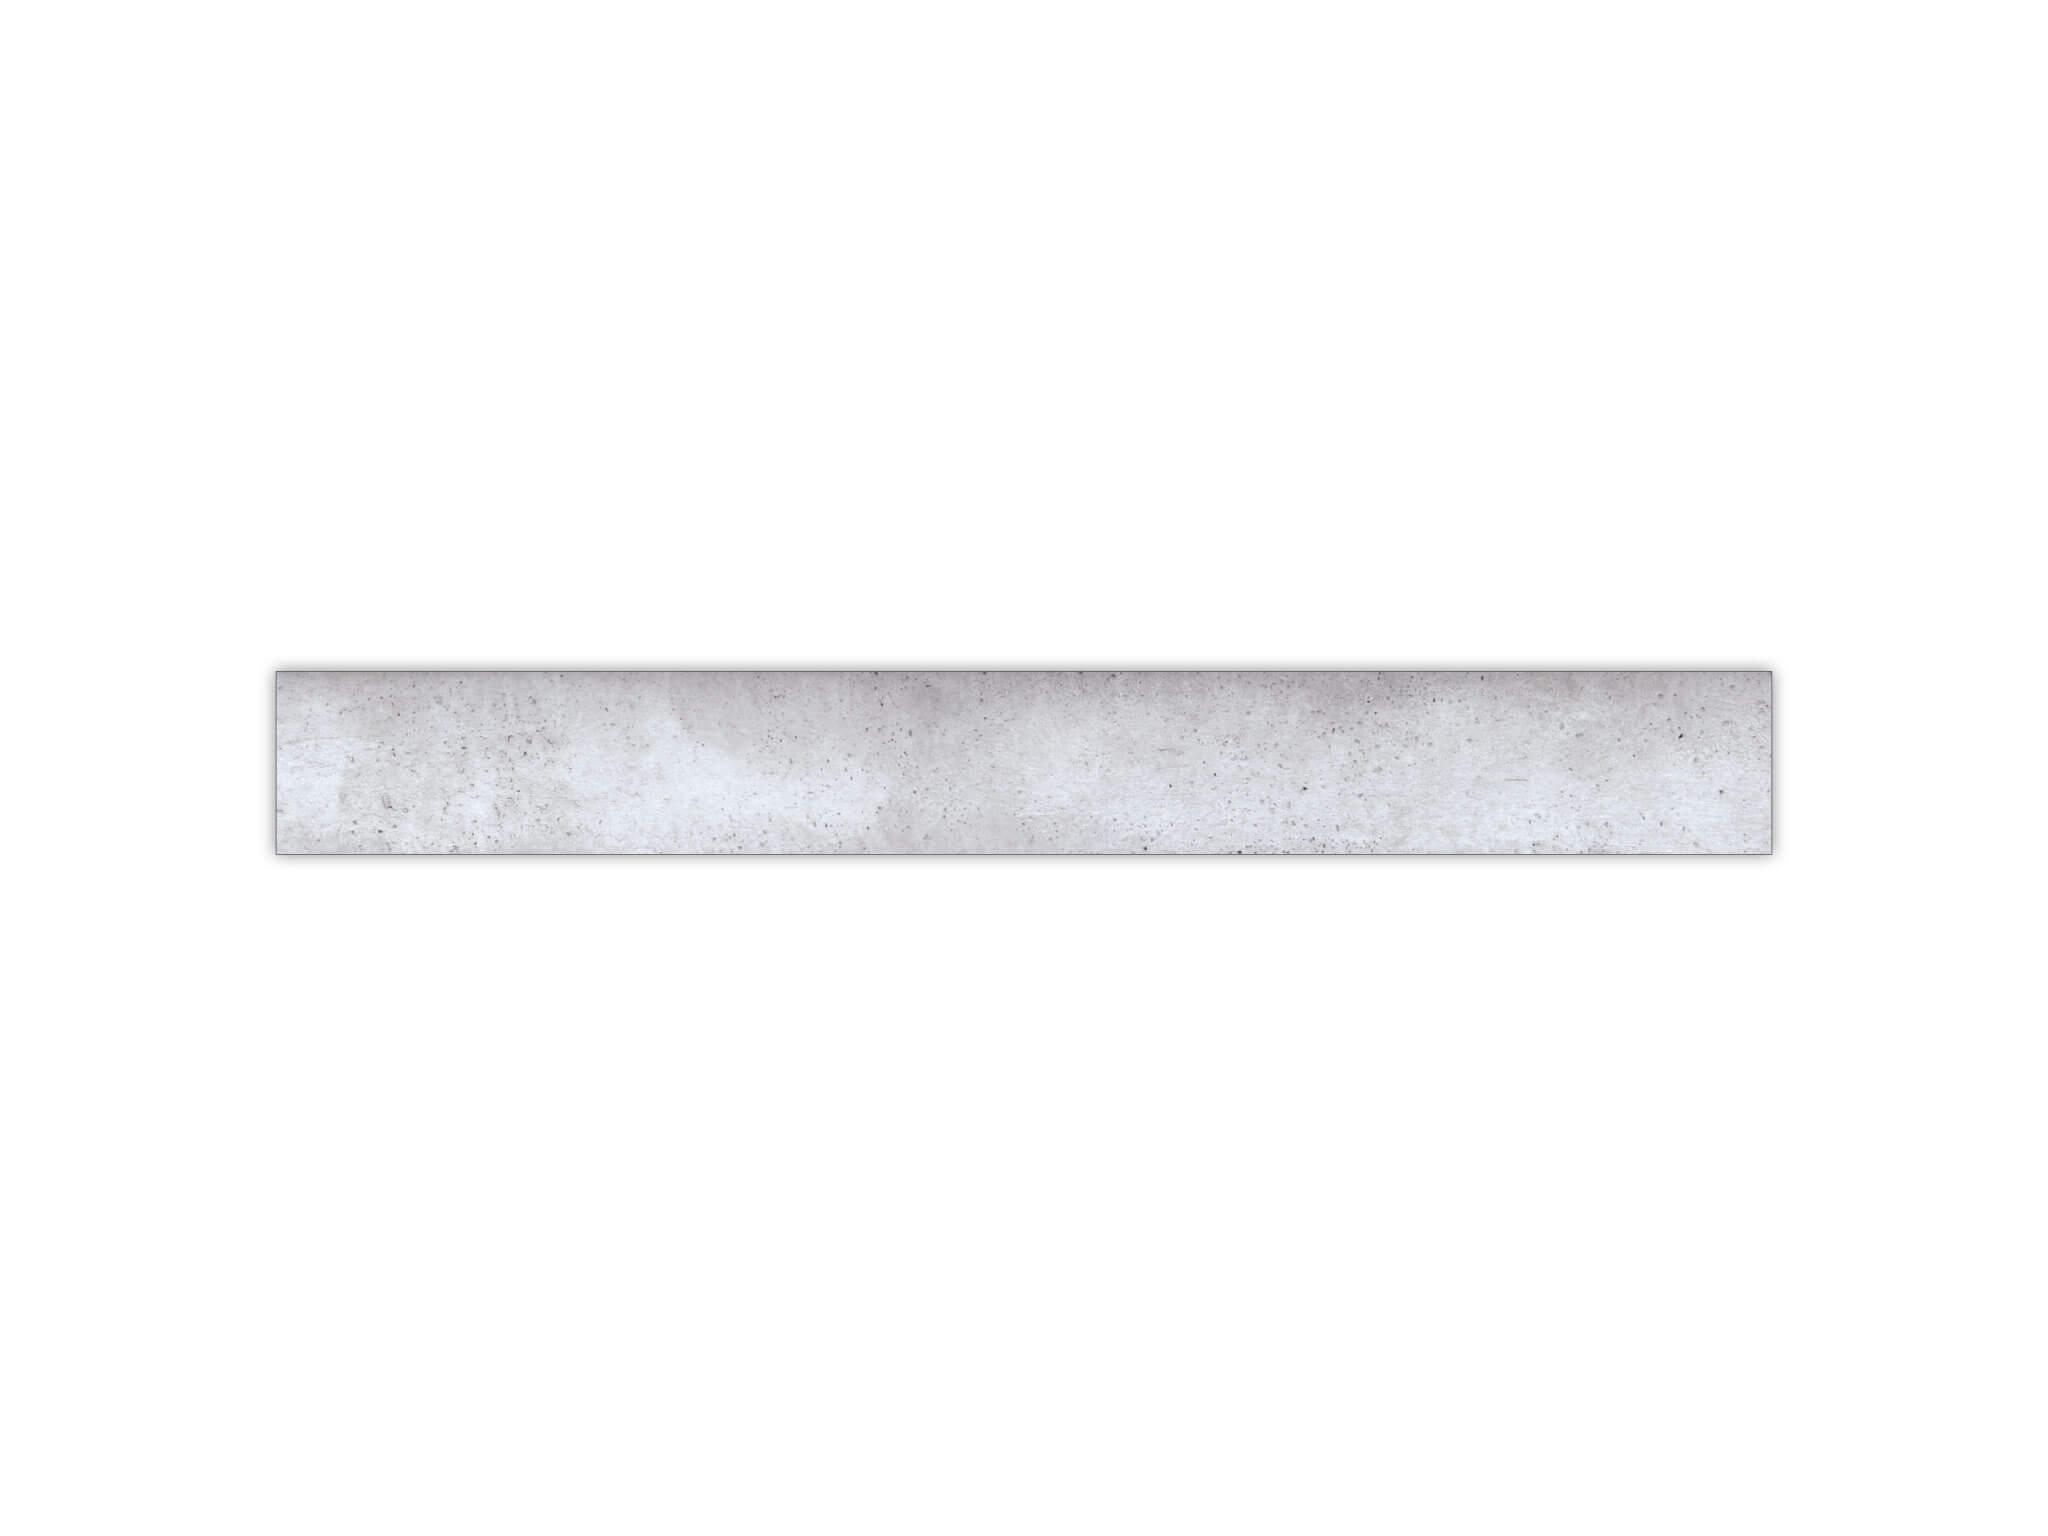 Betonowa płyta fundamentowa dla ogrodzeń 30 x 192 cm; GŁADKA